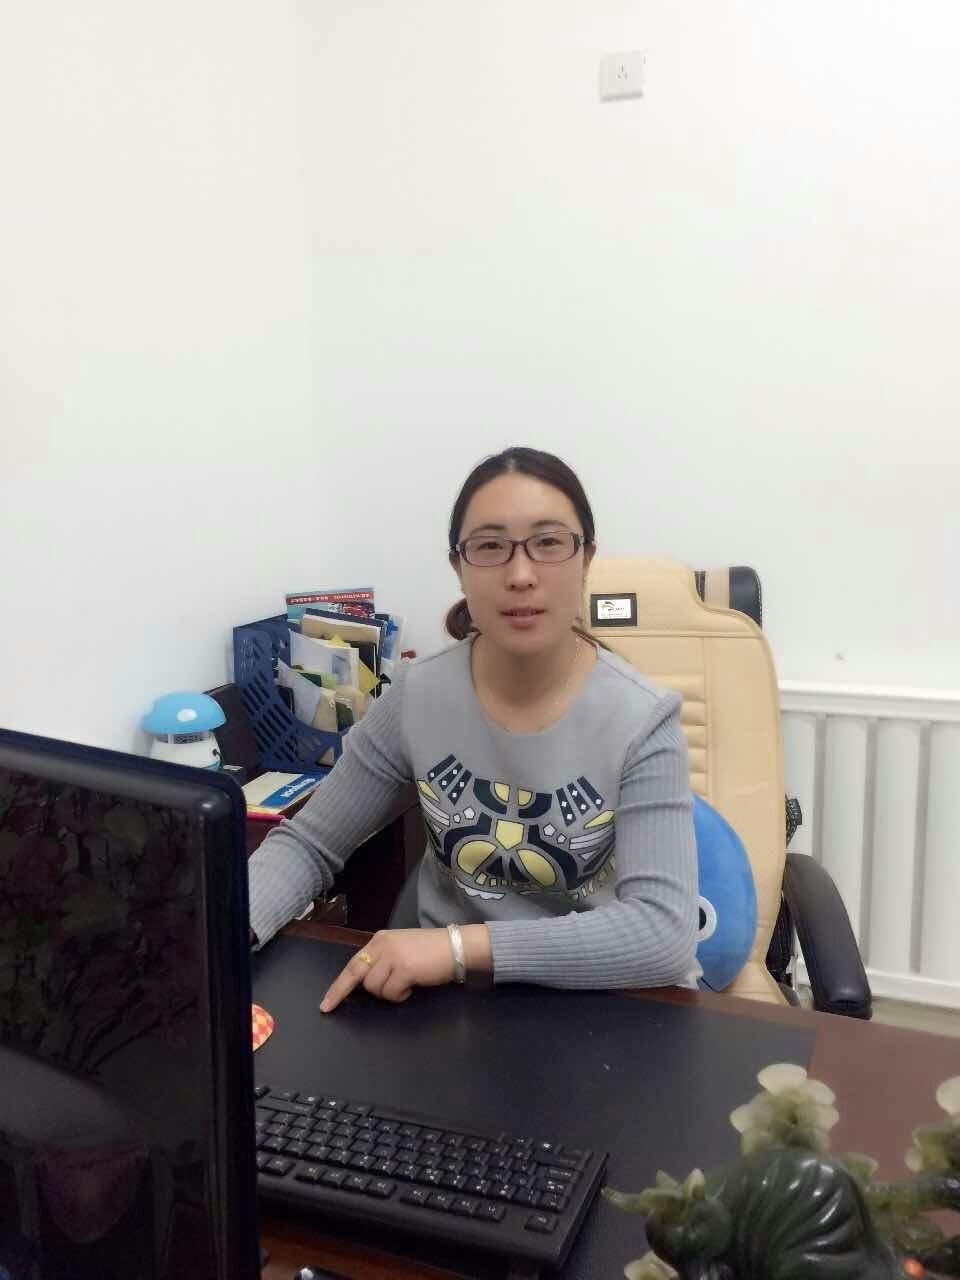 银川到吉安物流专线(银川市兴庆区宇浩鑫货运有限公司)